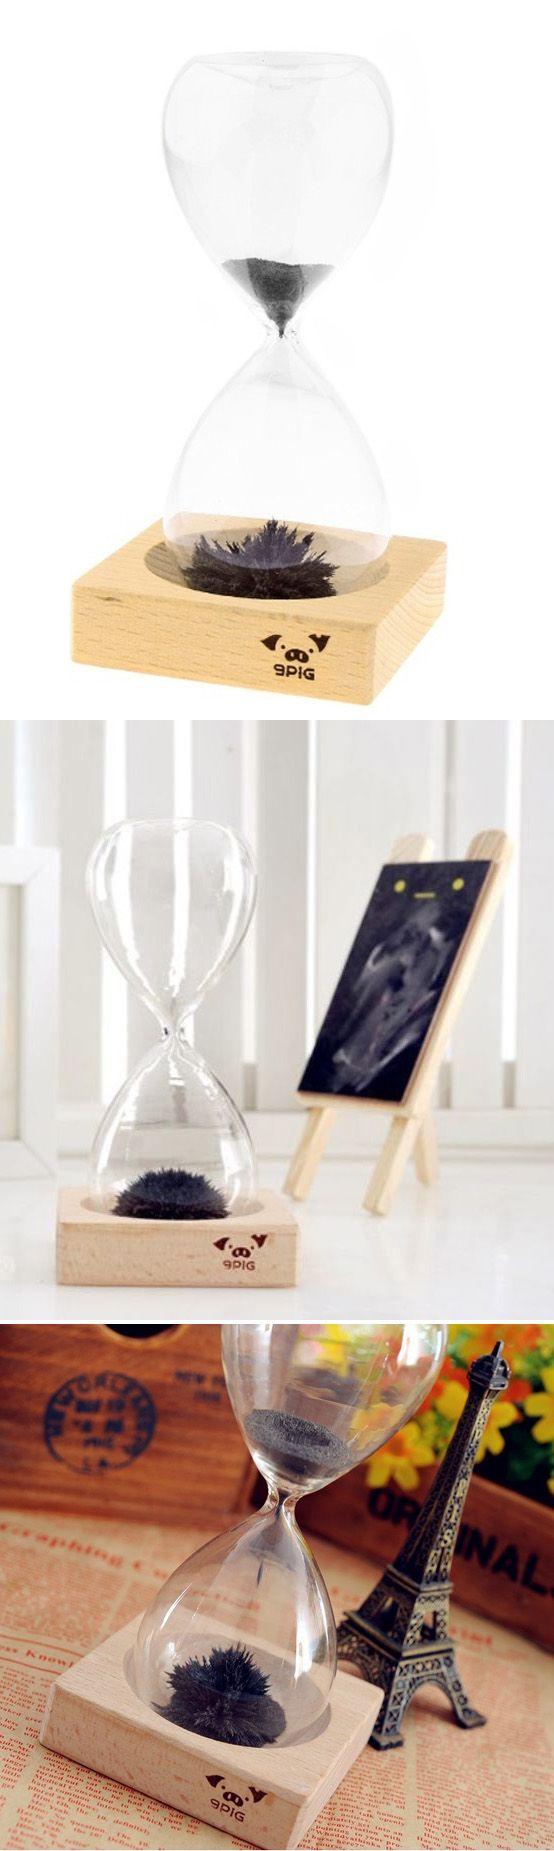 Reloj de arena magnético, quédate embobado con las formas que adopta, un reloj muy original sin duda!  - Magnetic Sand Clock, you'll go mad when you see the shapes of the sand!   #Regalos #Frikis #Gifts #Freaks #Reloj #Arena #Clock #Sandclock #Magnetico